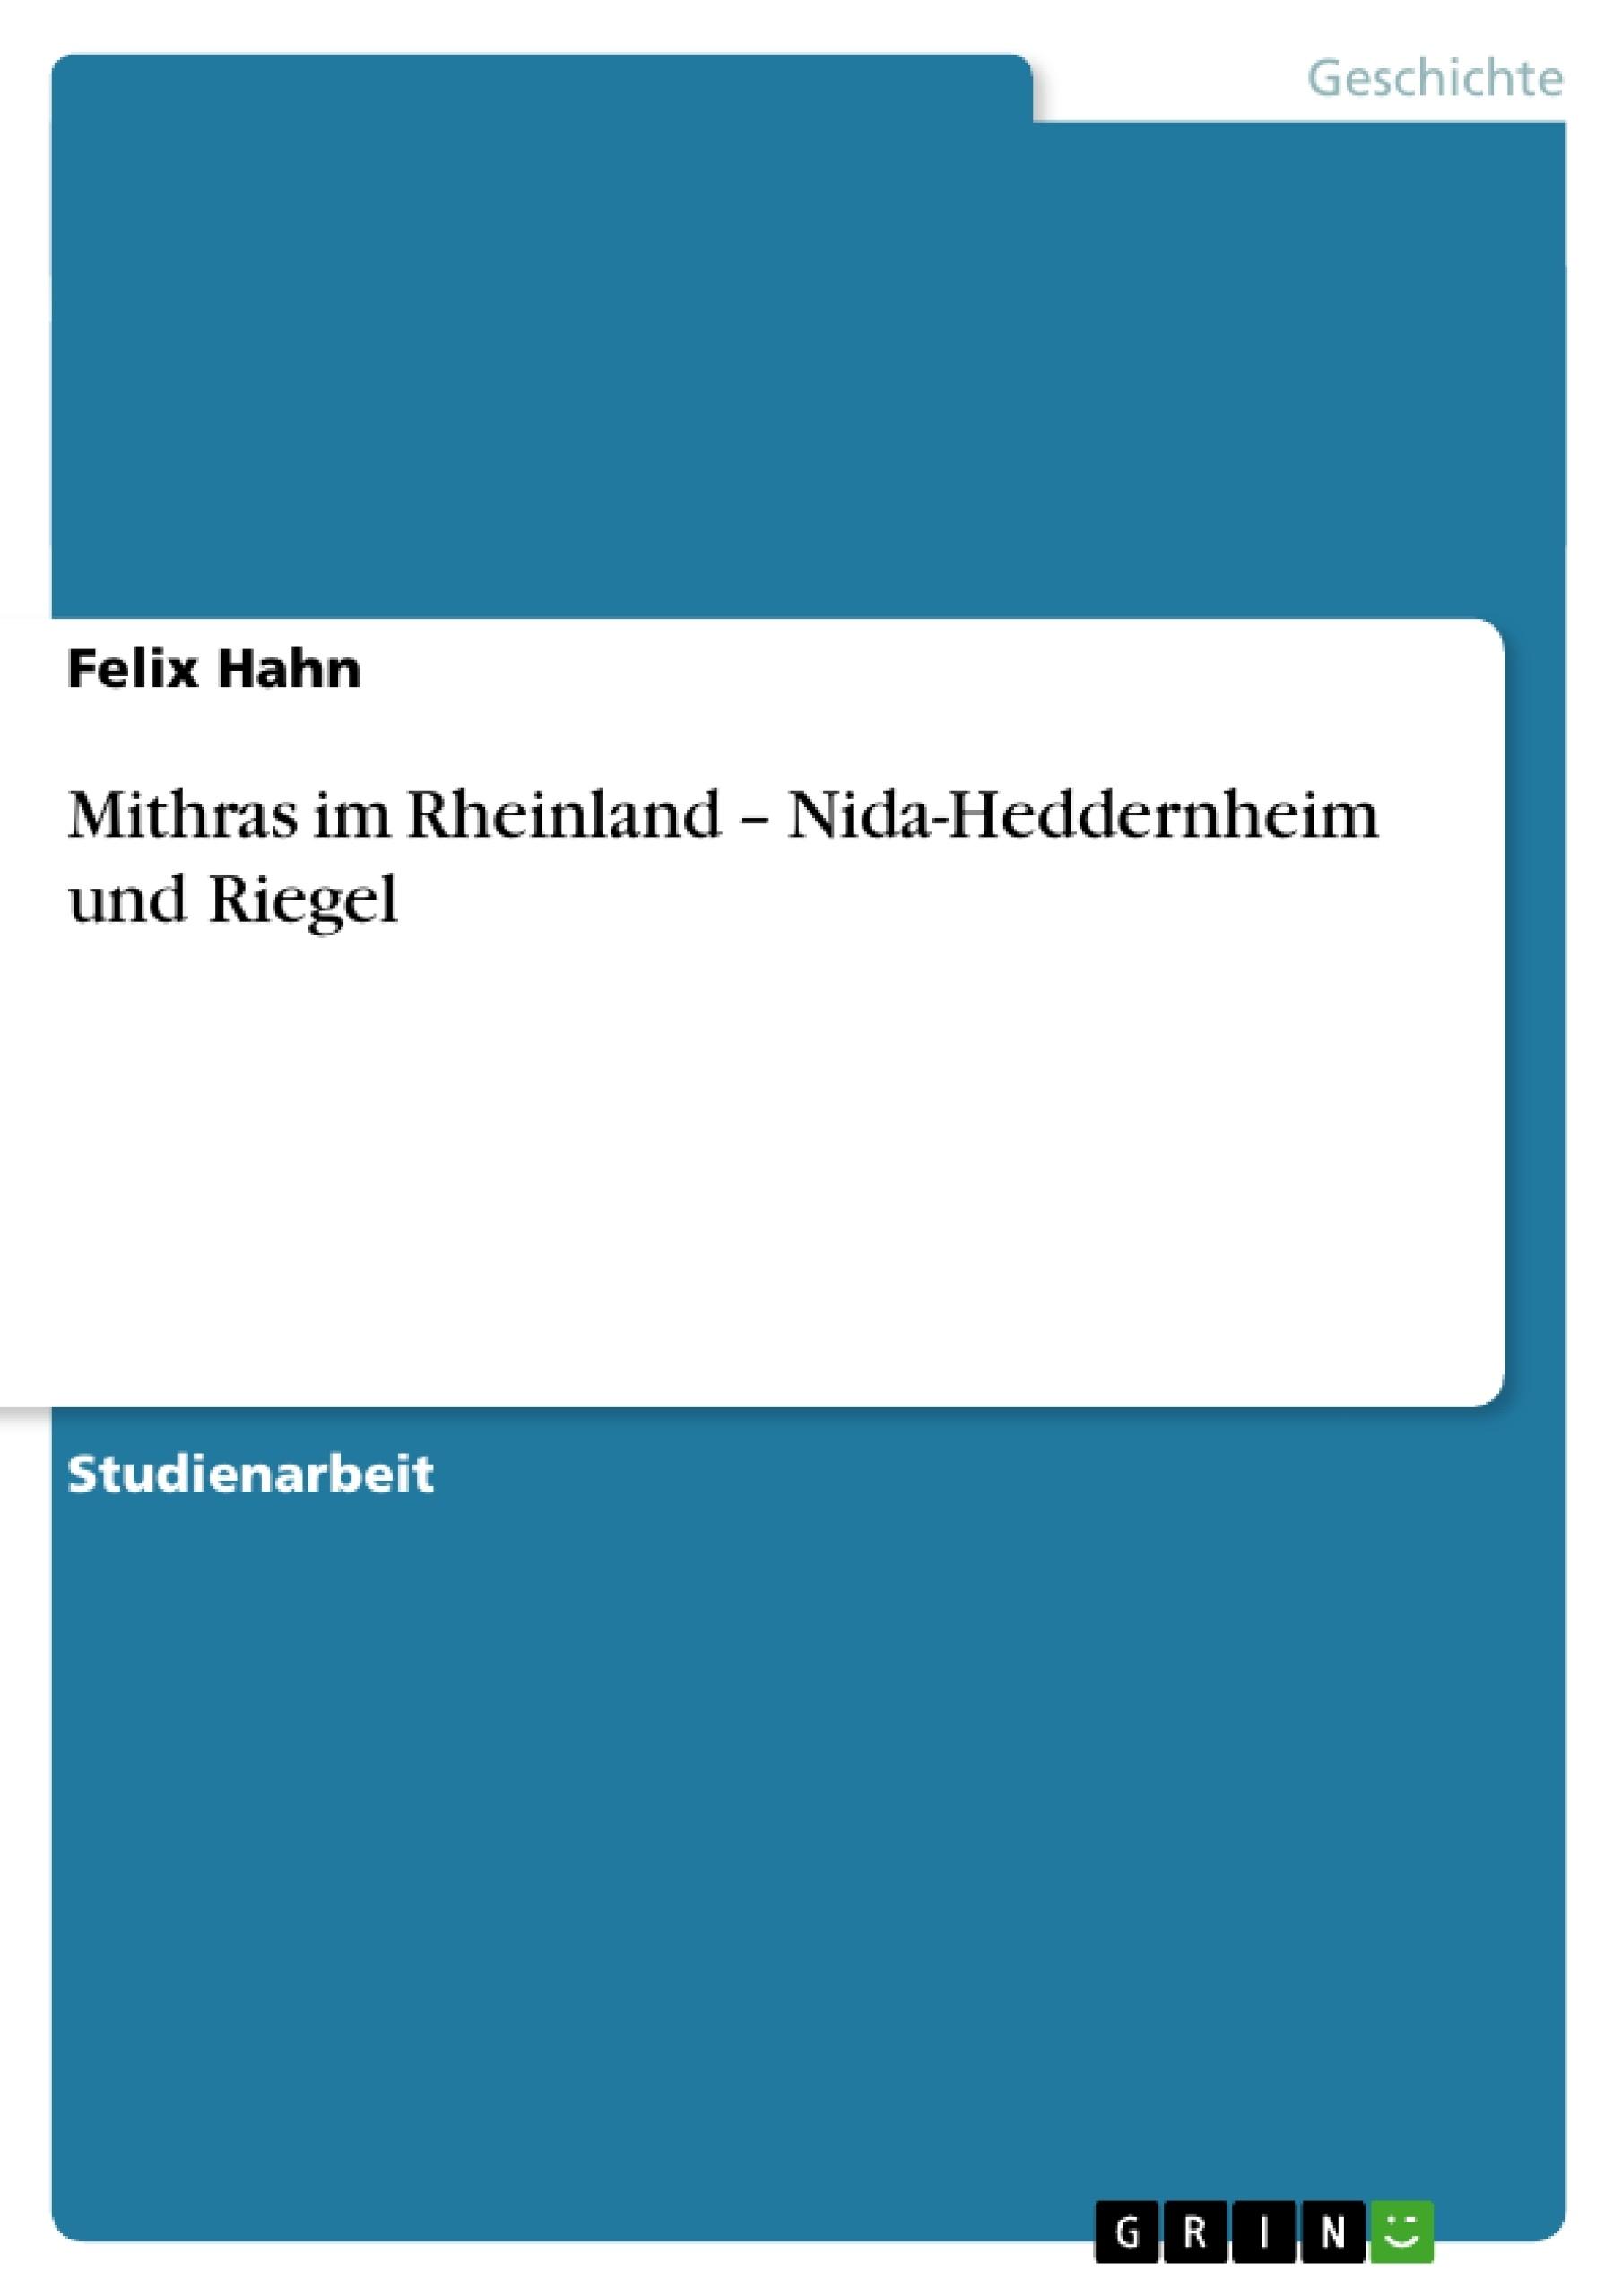 Titel: Mithras im Rheinland – Nida-Heddernheim und Riegel